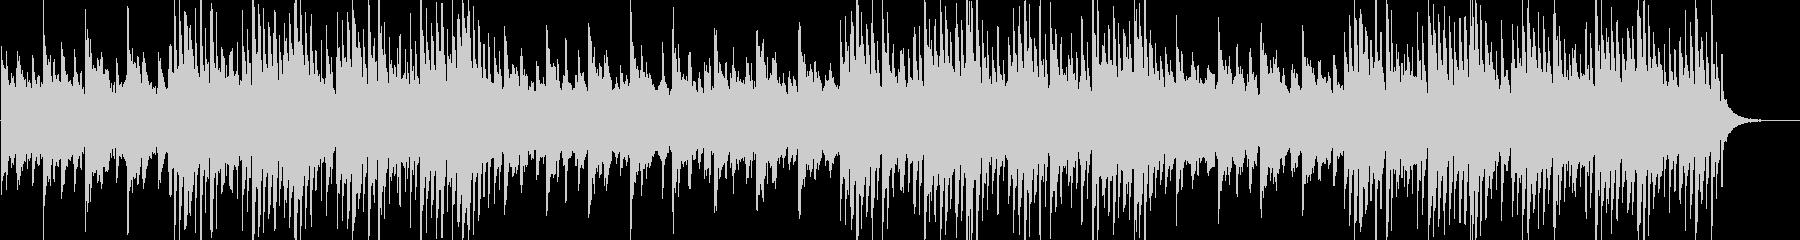 幻想的なストリングス・ピアノのエレクトロの未再生の波形